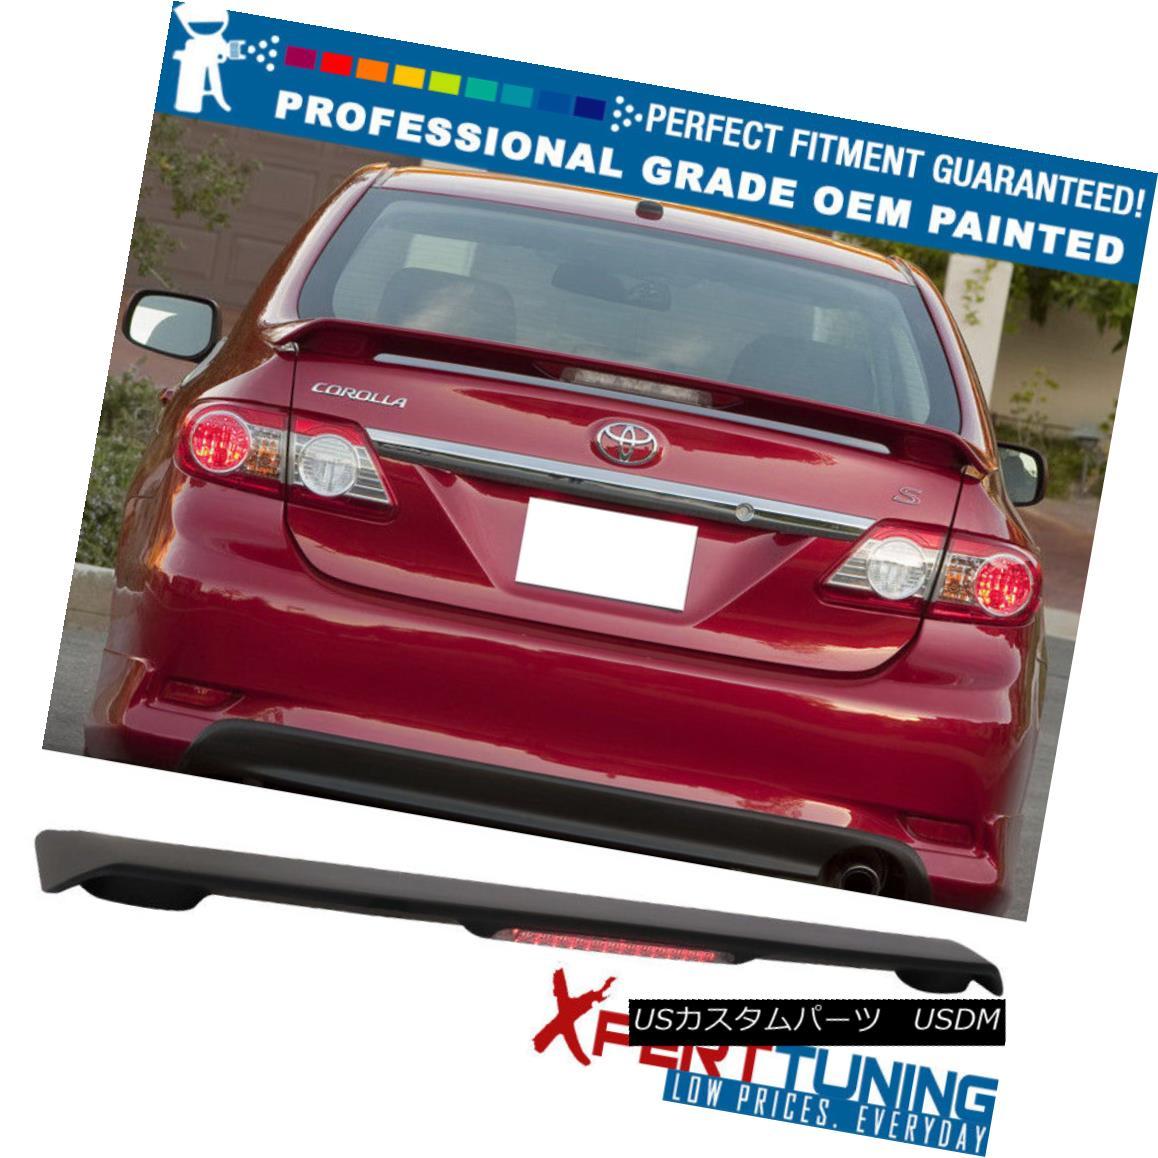 エアロパーツ Fit 09-13 Toyota Corolla OE Style Trunk Spoiler & LED Brake OEM Painted Color フィット09-13トヨタカローラOEスタイルトランクスポイラー& LEDブレーキOEM塗装色